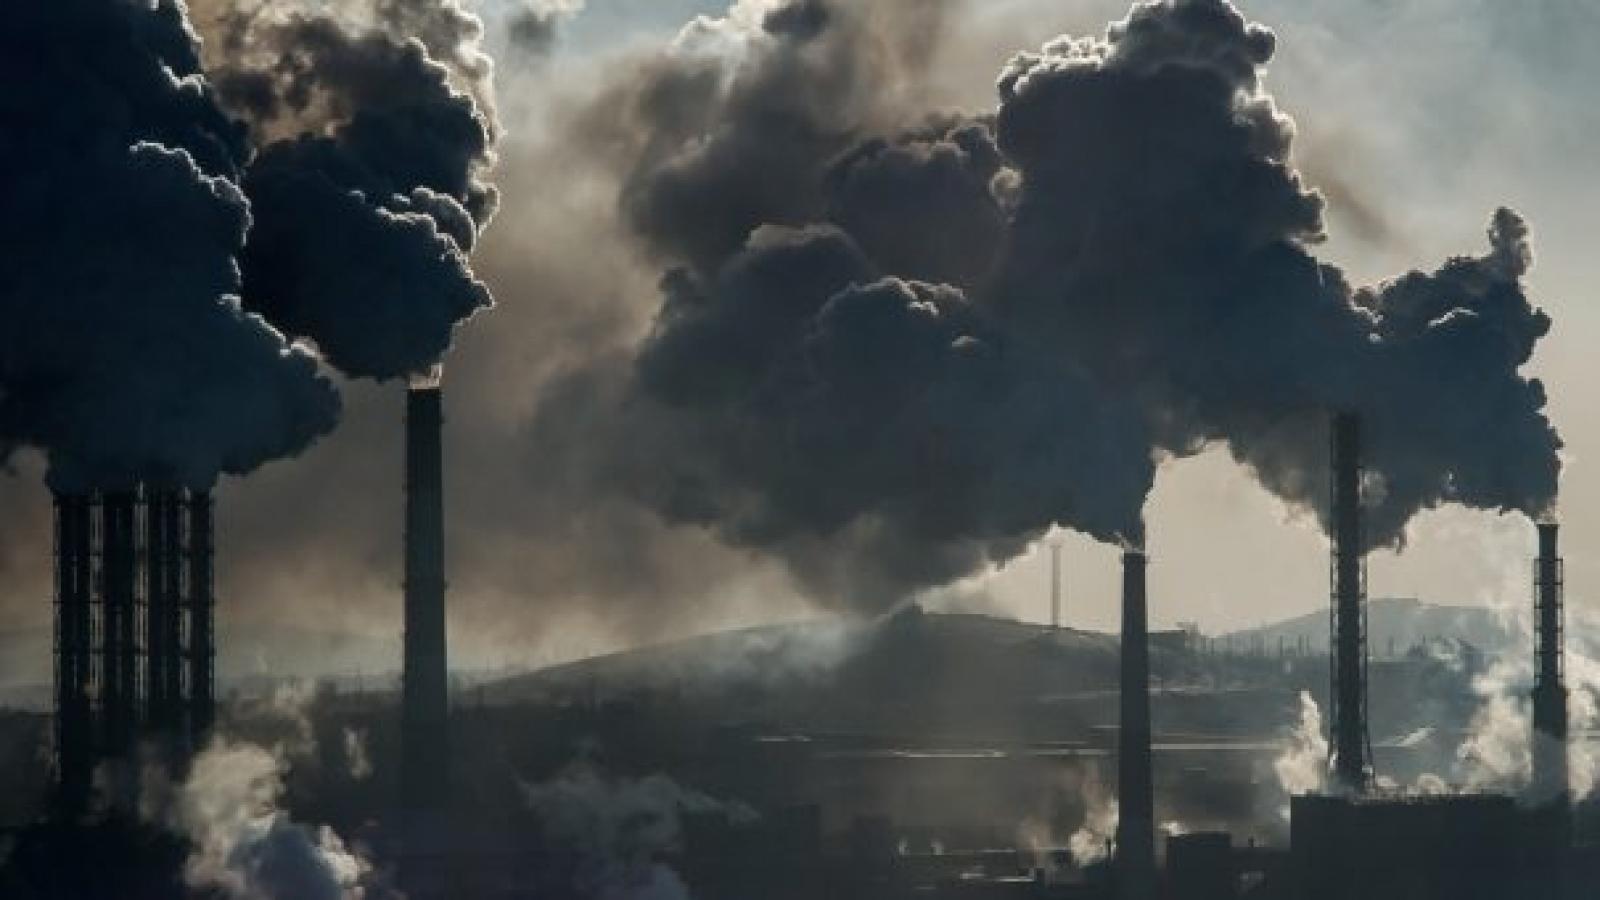 Mỹ, Hàn Quốc hợp tác về năng lượng xanh và chống biến đổi khí hậu